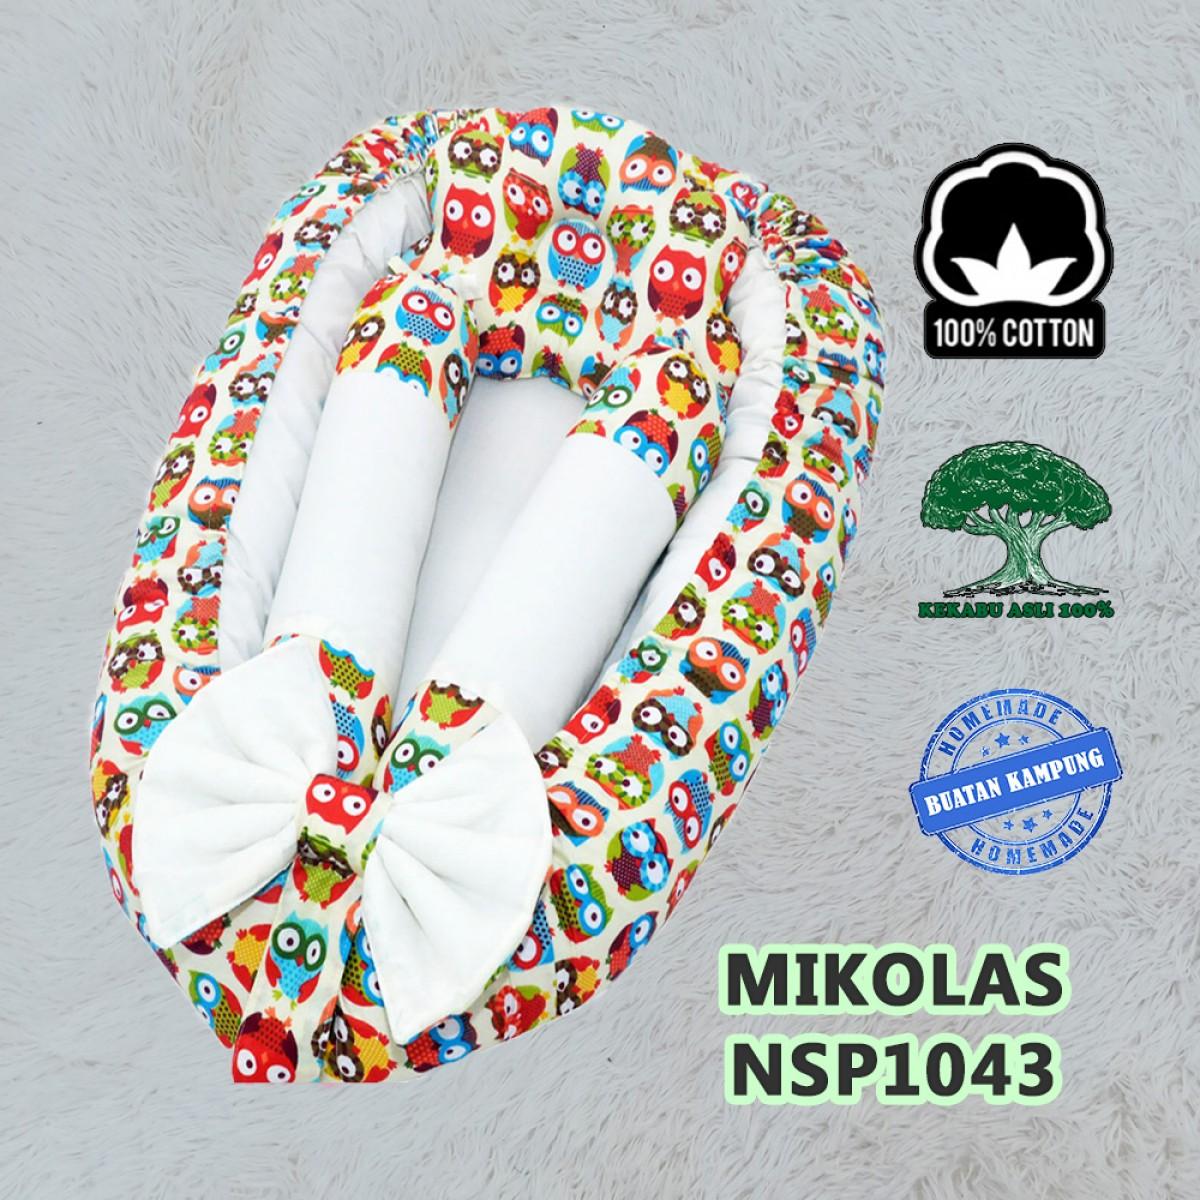 Mikolas - Kico Baby Center